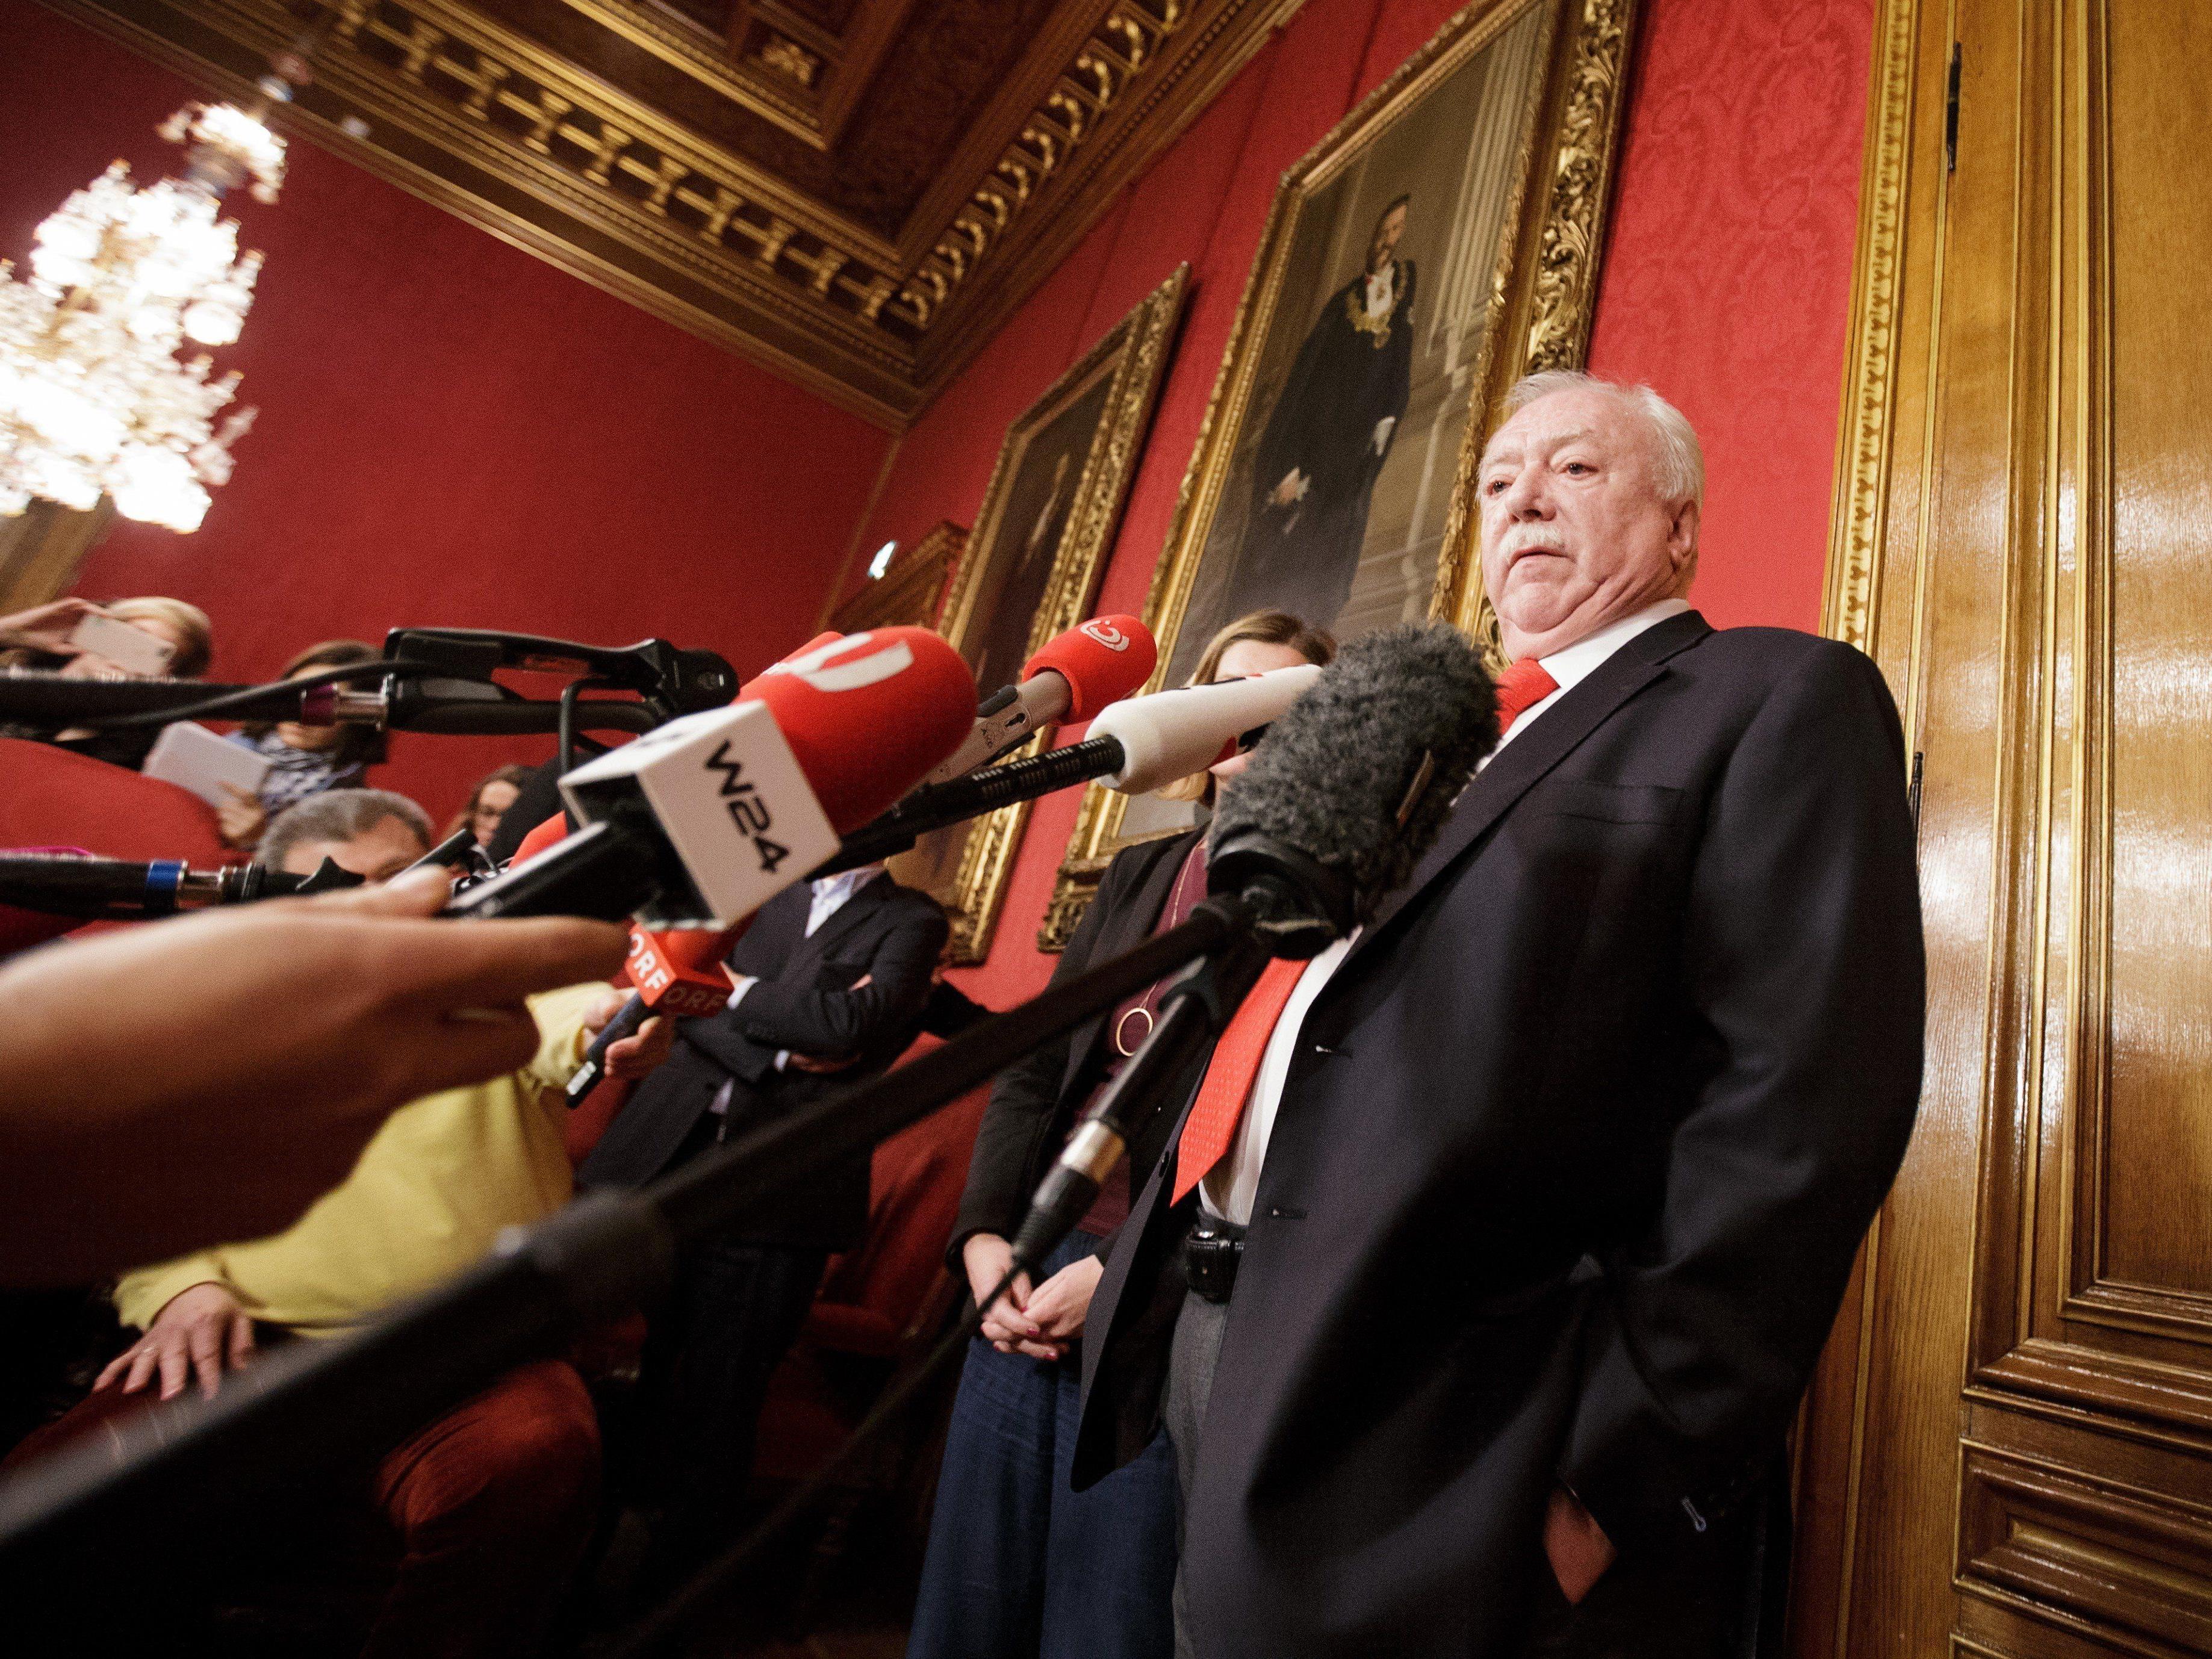 Am 20. und 21. Jänner wird die Vorstandstagung der Wiener SPÖ abgehalten.